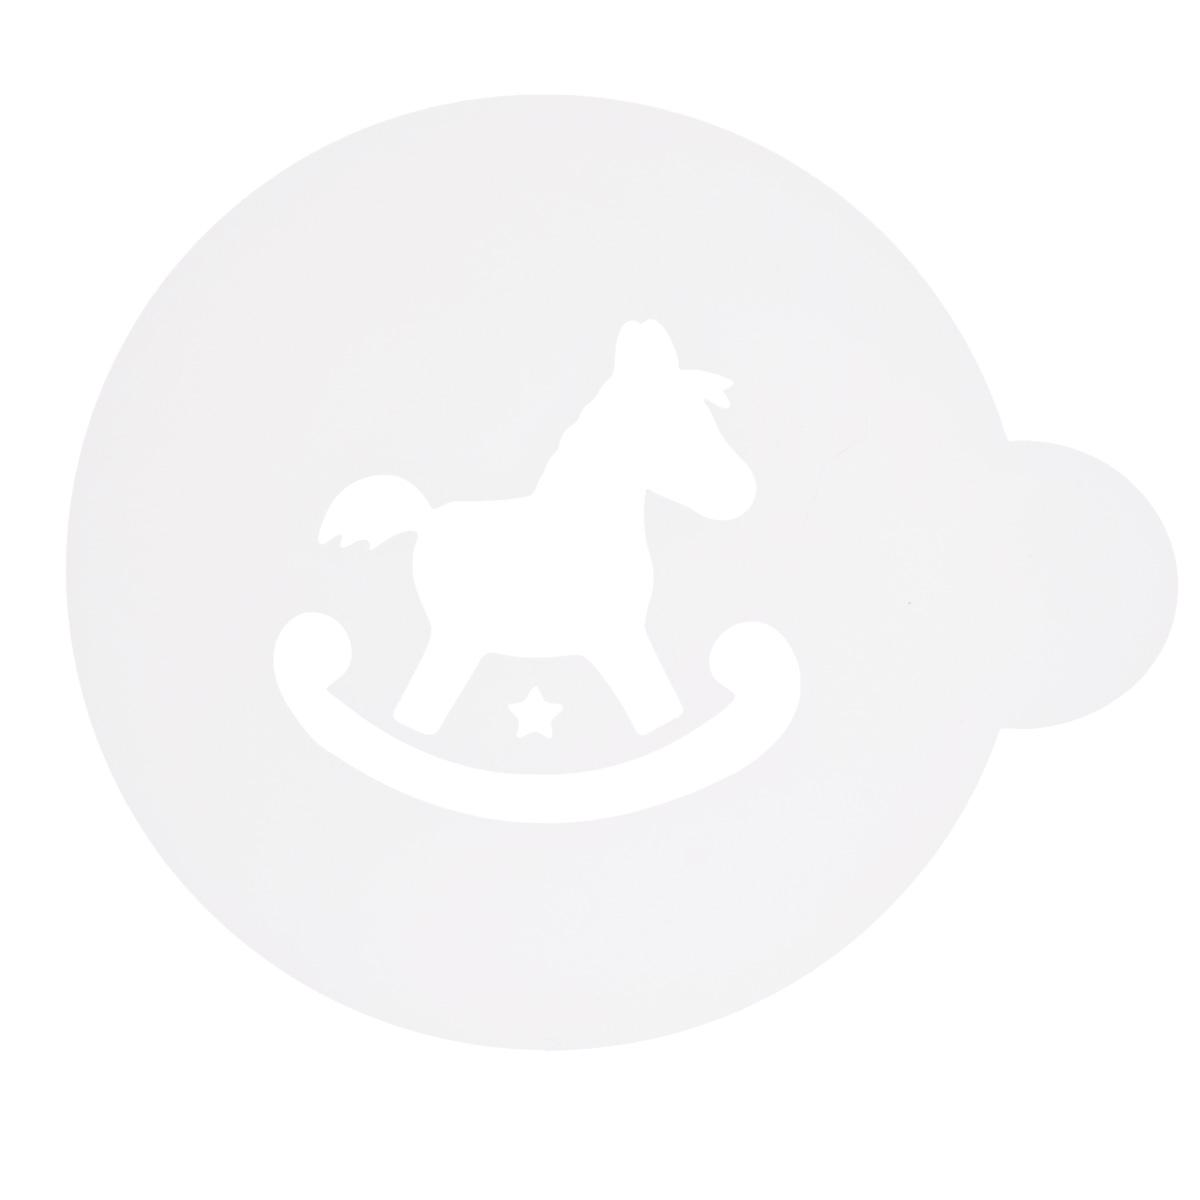 Трафарет на кофе и десерты Леденцовая фабрика Лошадка, диаметр 10 см трафарет на кофе и десерты леденцовая фабрика кошка с рыбой диаметр 10 см